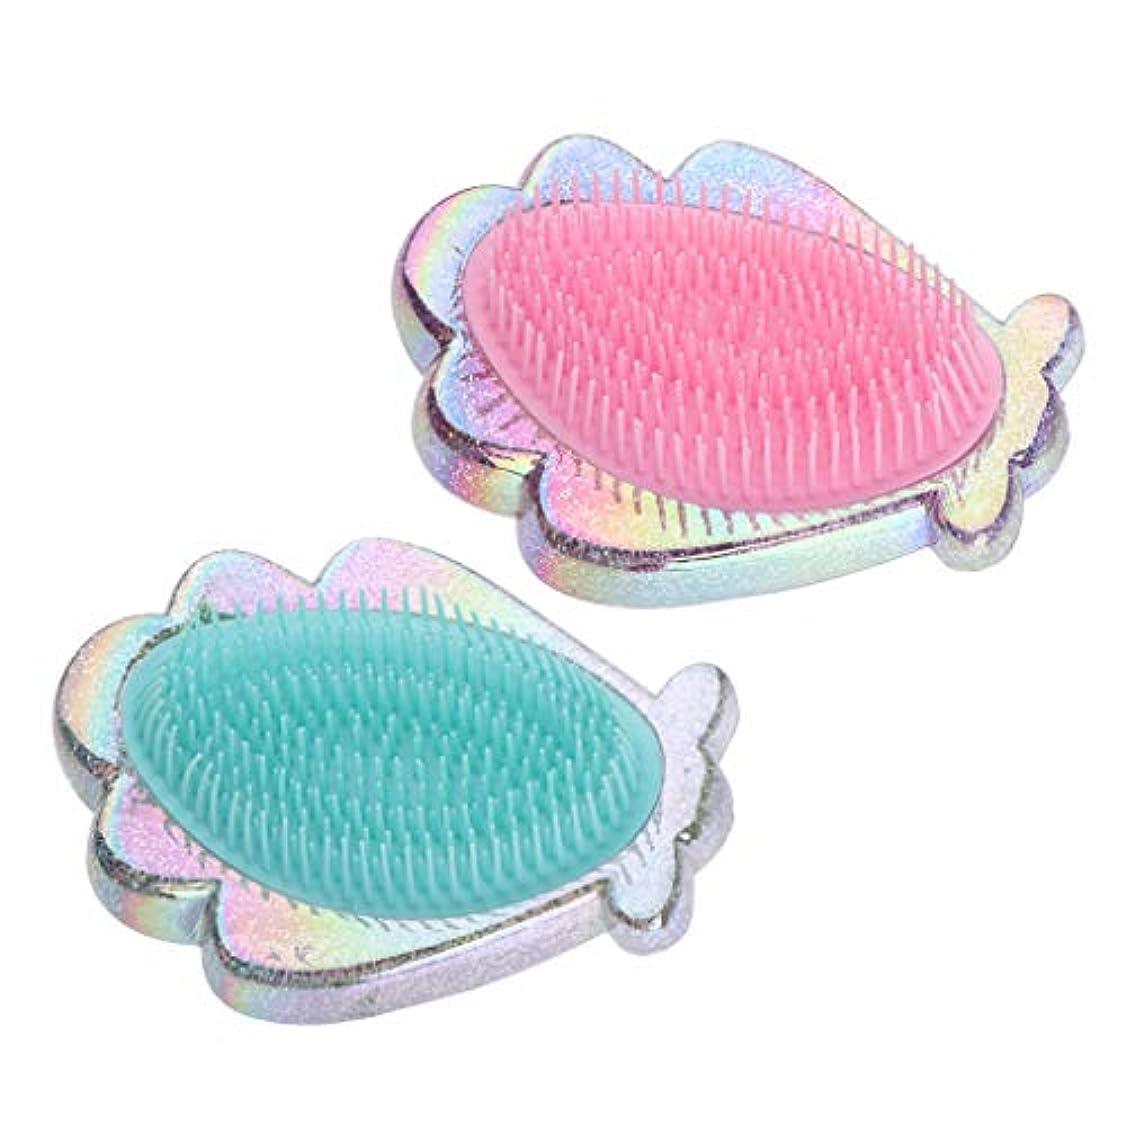 実証する前置詞ニッケルCUTICATE コーム ヘアコーム ヘアブラシ 静電気防止 プラスチック製 女性用 2個パック